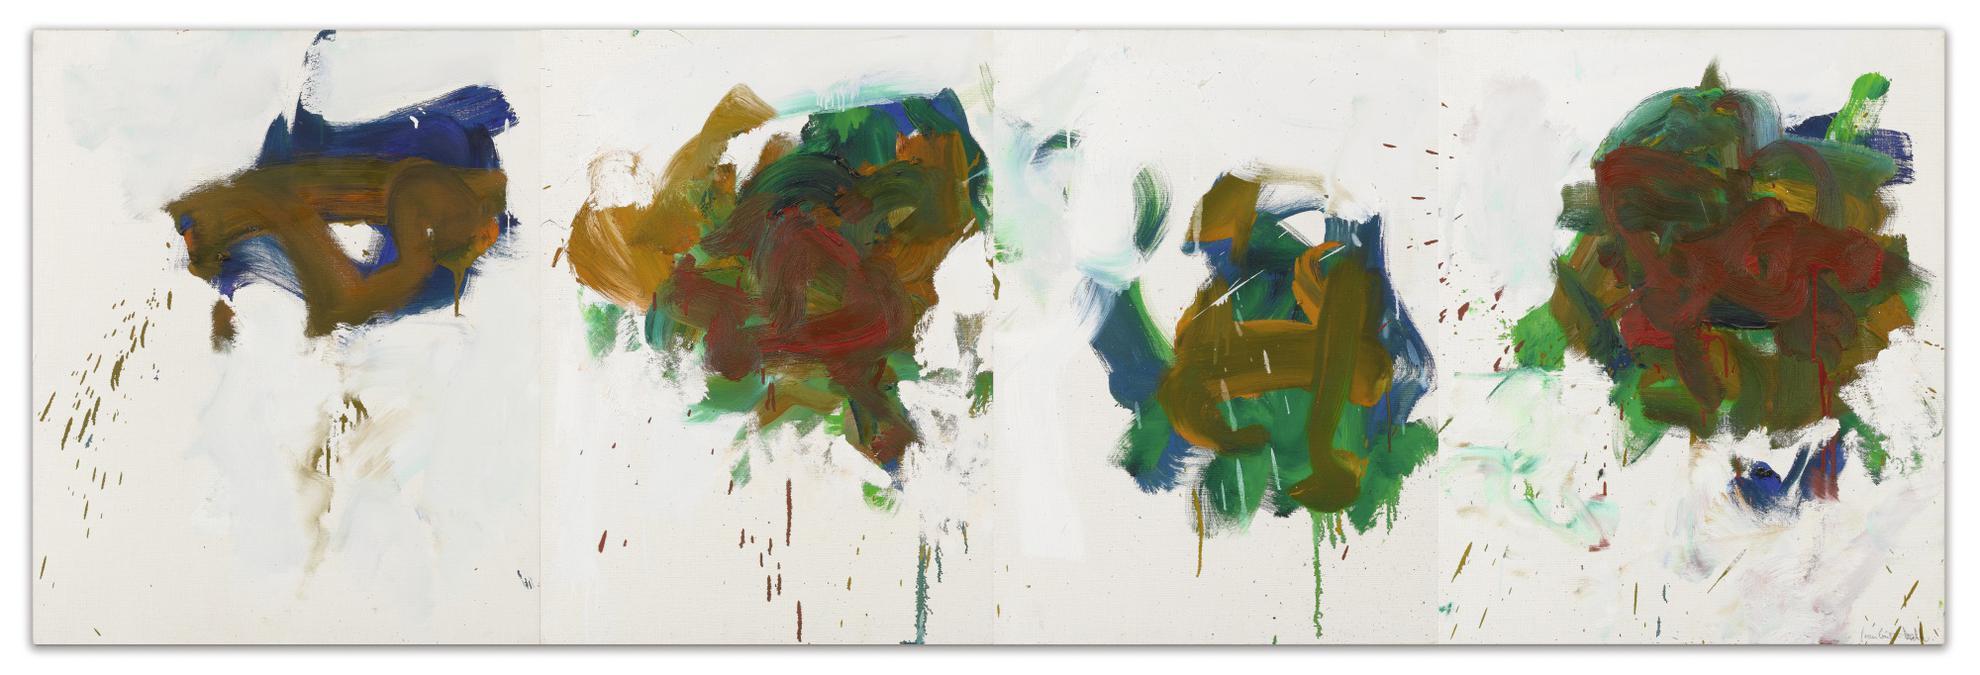 Joan Mitchell-A Tribord-1990